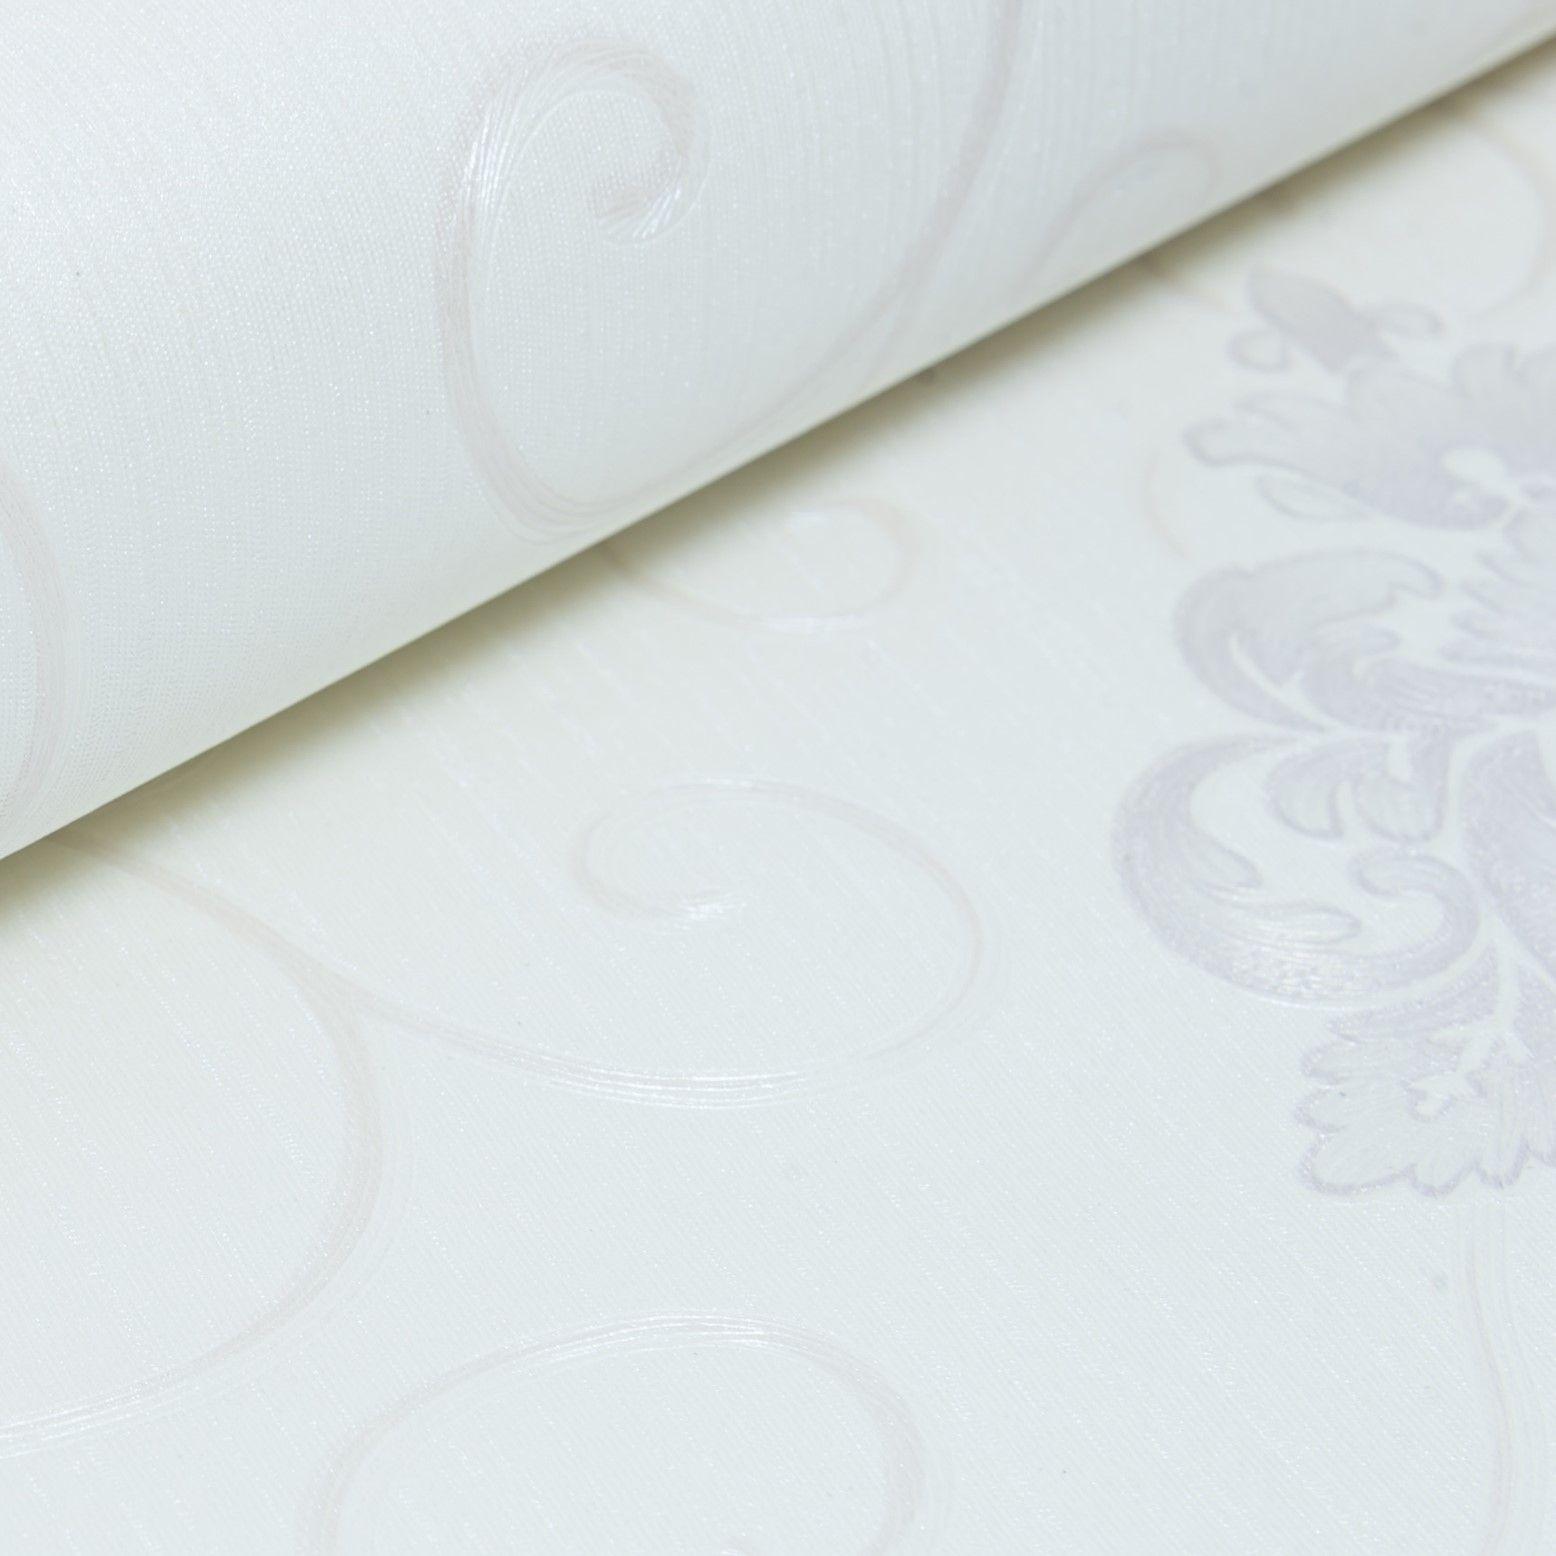 Papel de Parede Paris Decor Vinílico Coleção Chamonix Damask Off White, Cinza